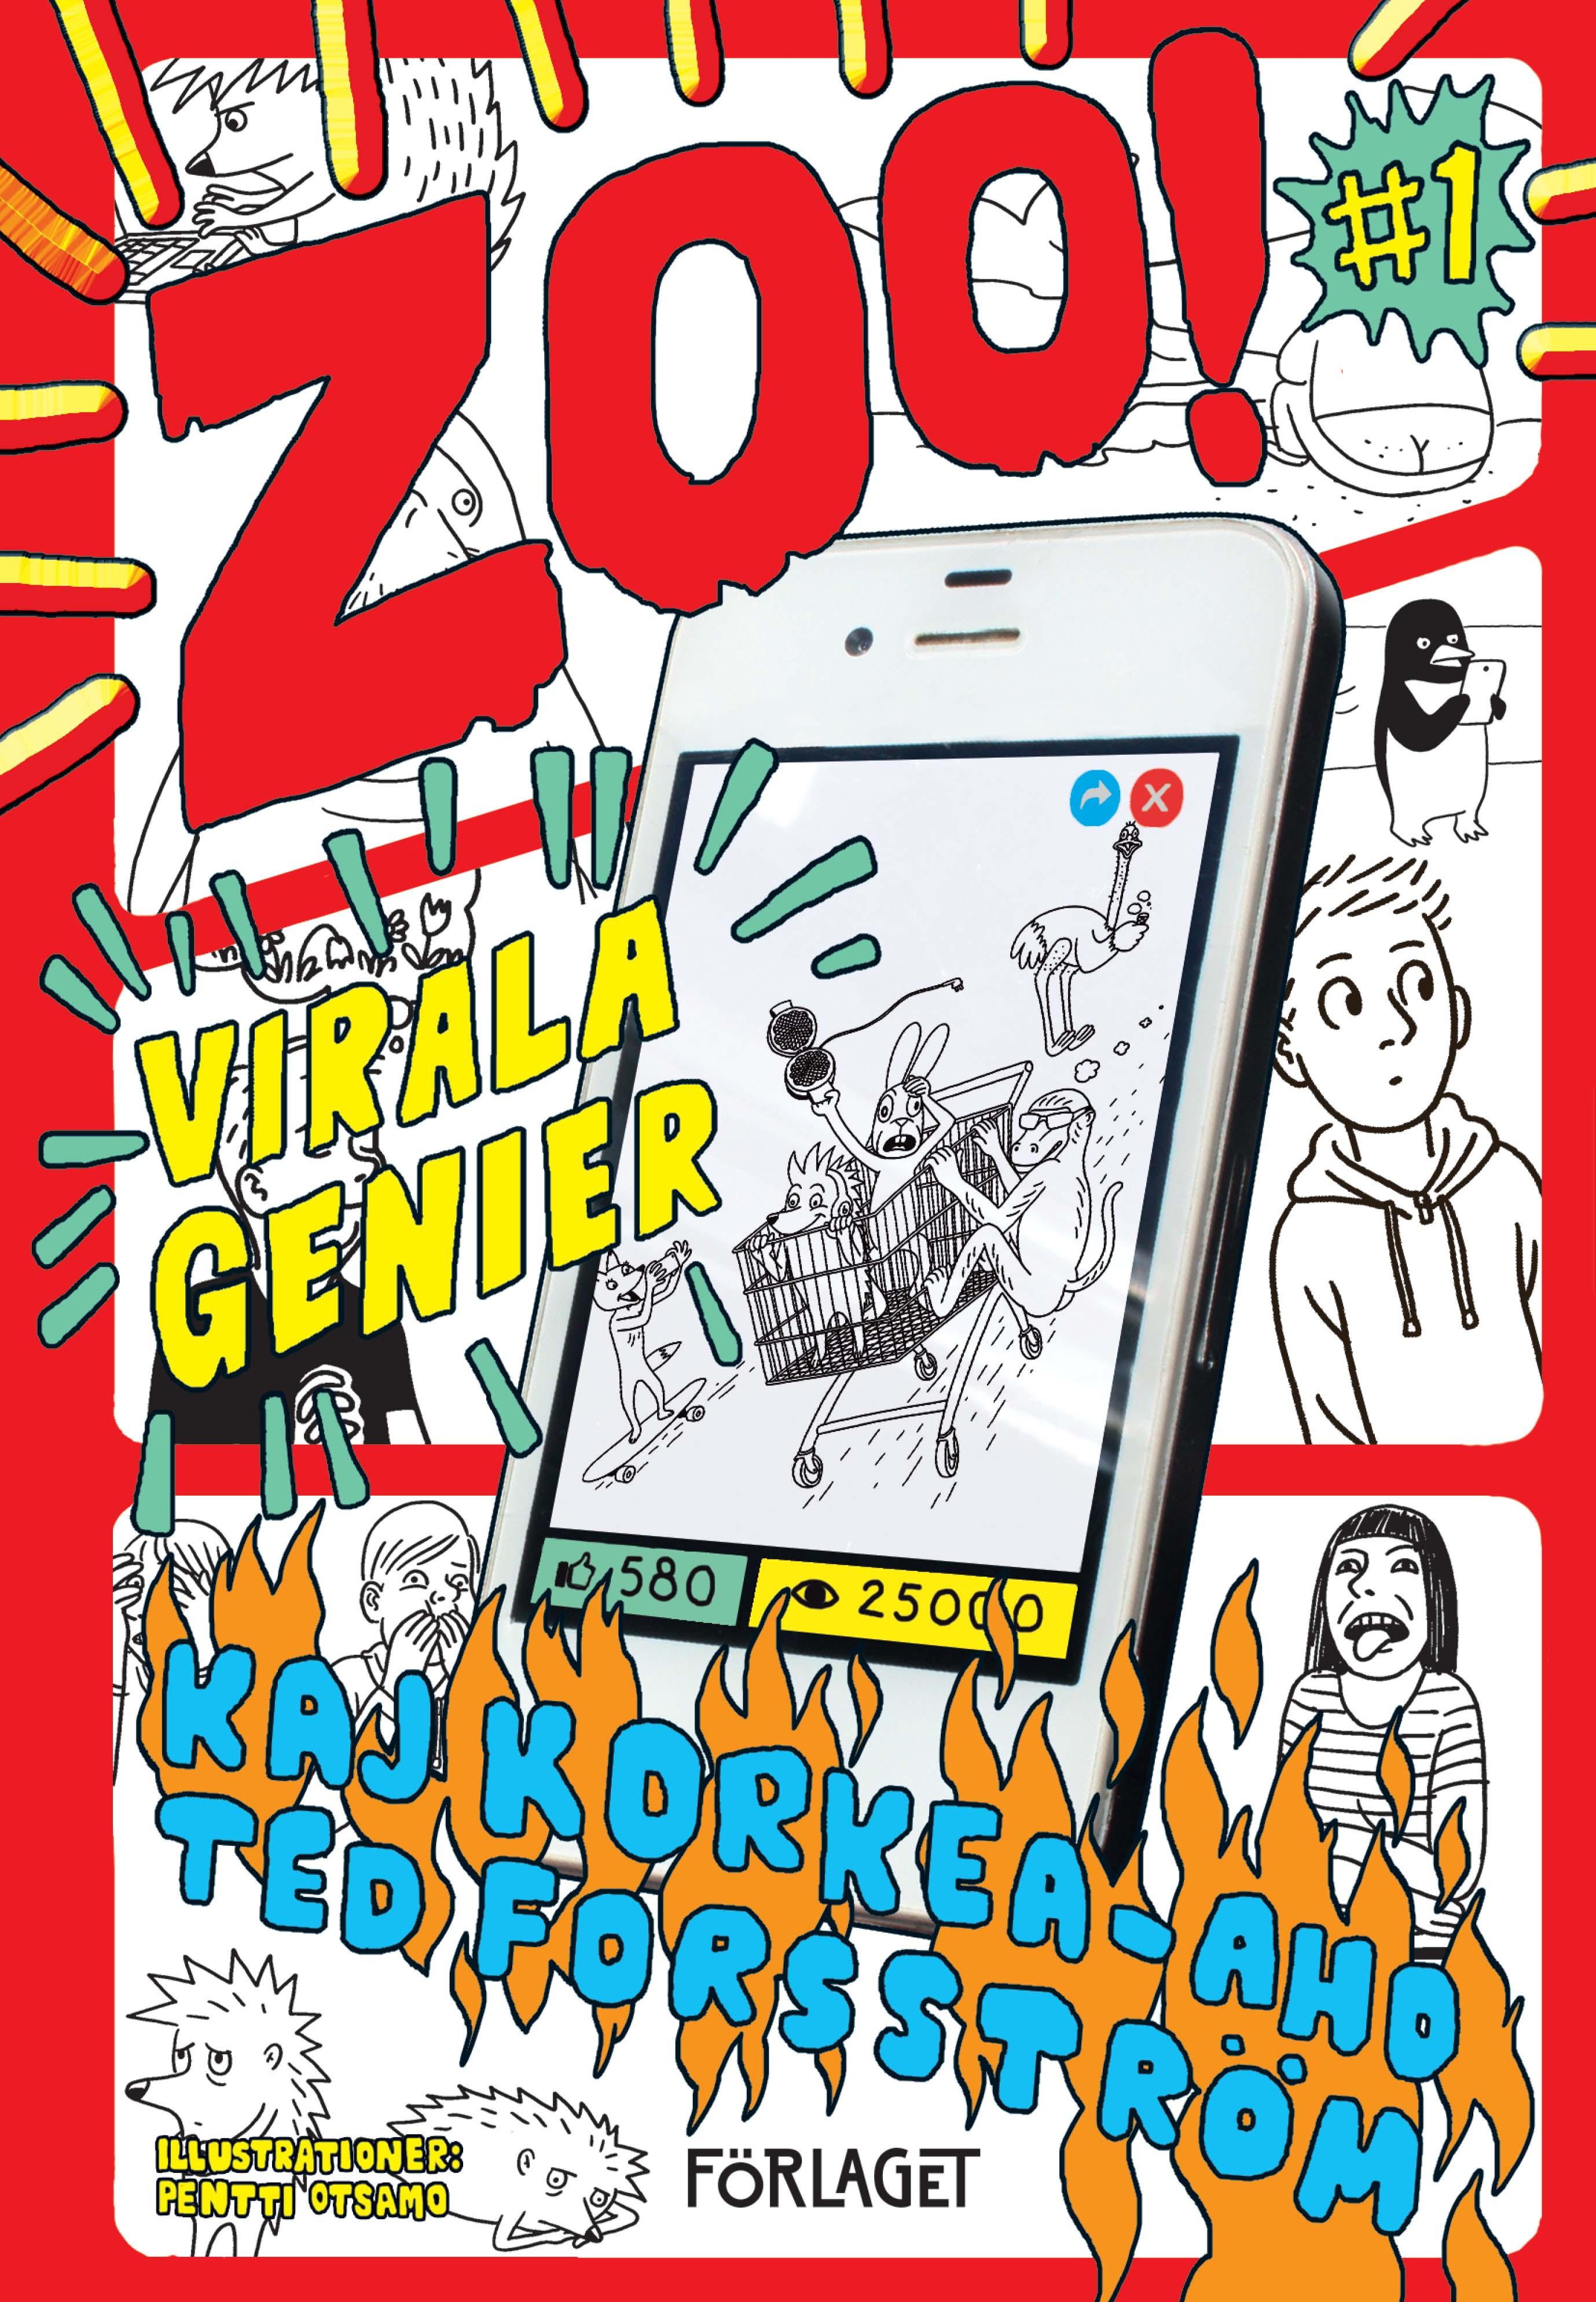 Kaj Korkea-aho, Ted Forsström: ZOO! #1: Virala genier